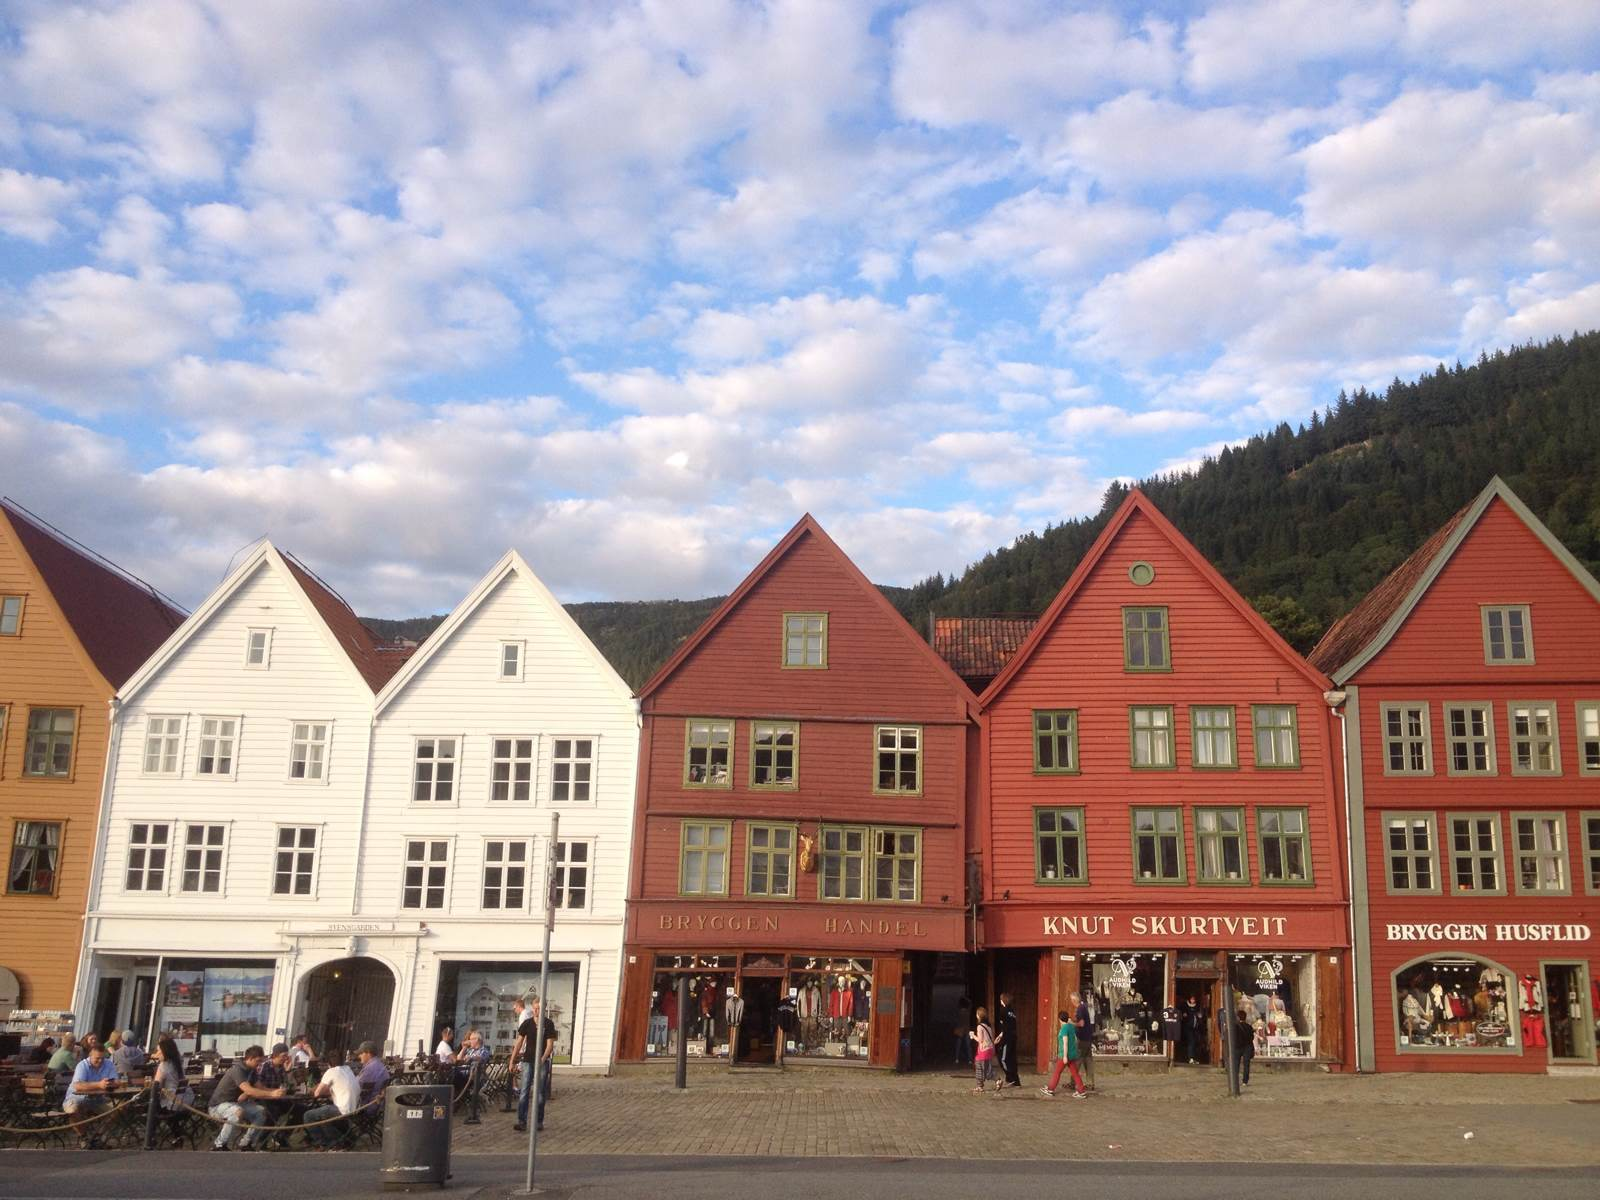 古老的彩色木屋建筑群,是挪威国内最著名的中世纪时期城市居民区遗址